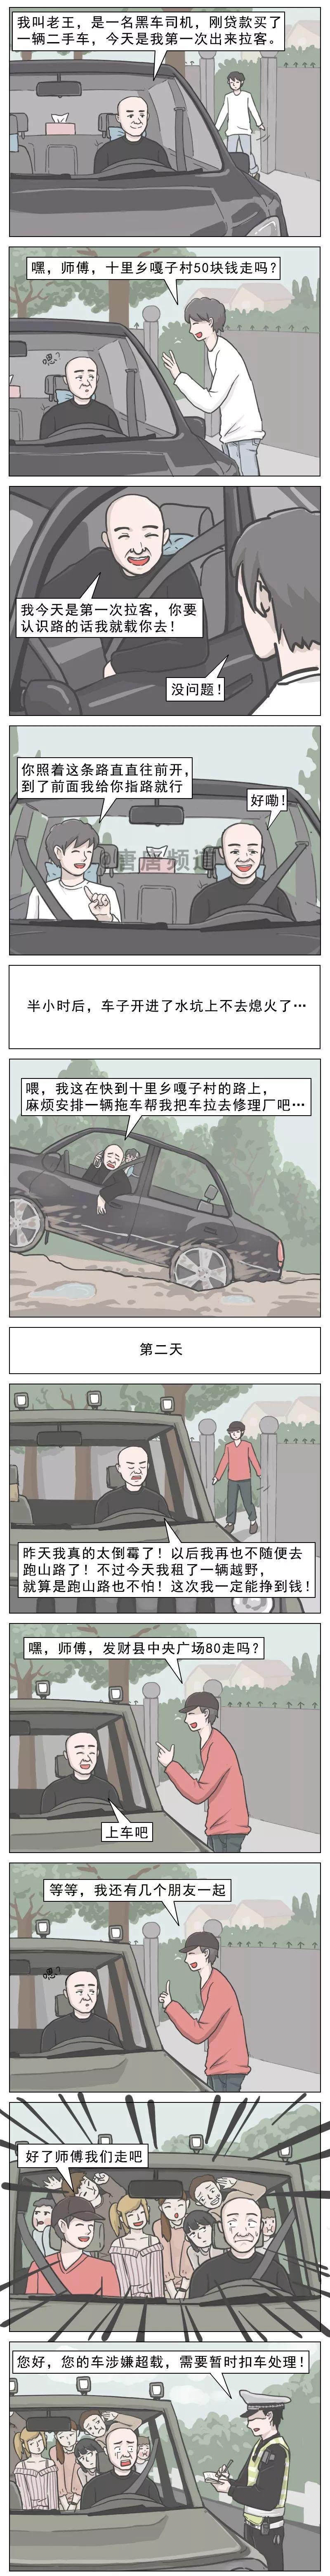 黑车司机翻车现场!打脸来得太快防不胜防!(第67期)